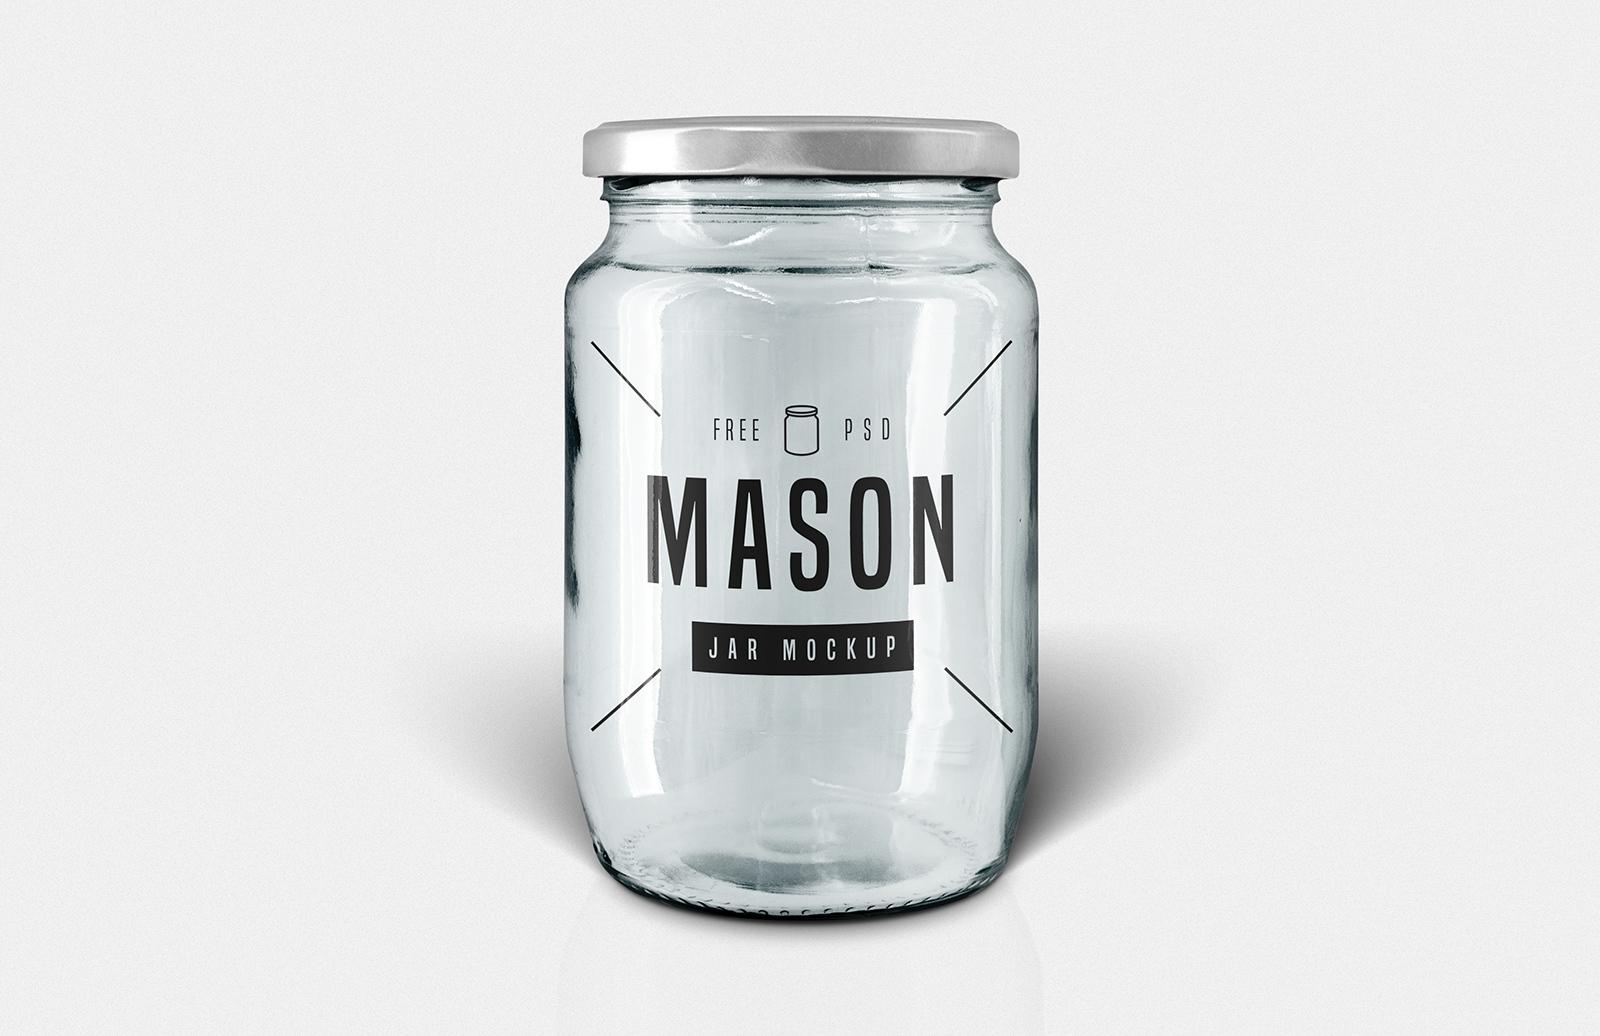 Mason Jar Mockup Preview 1